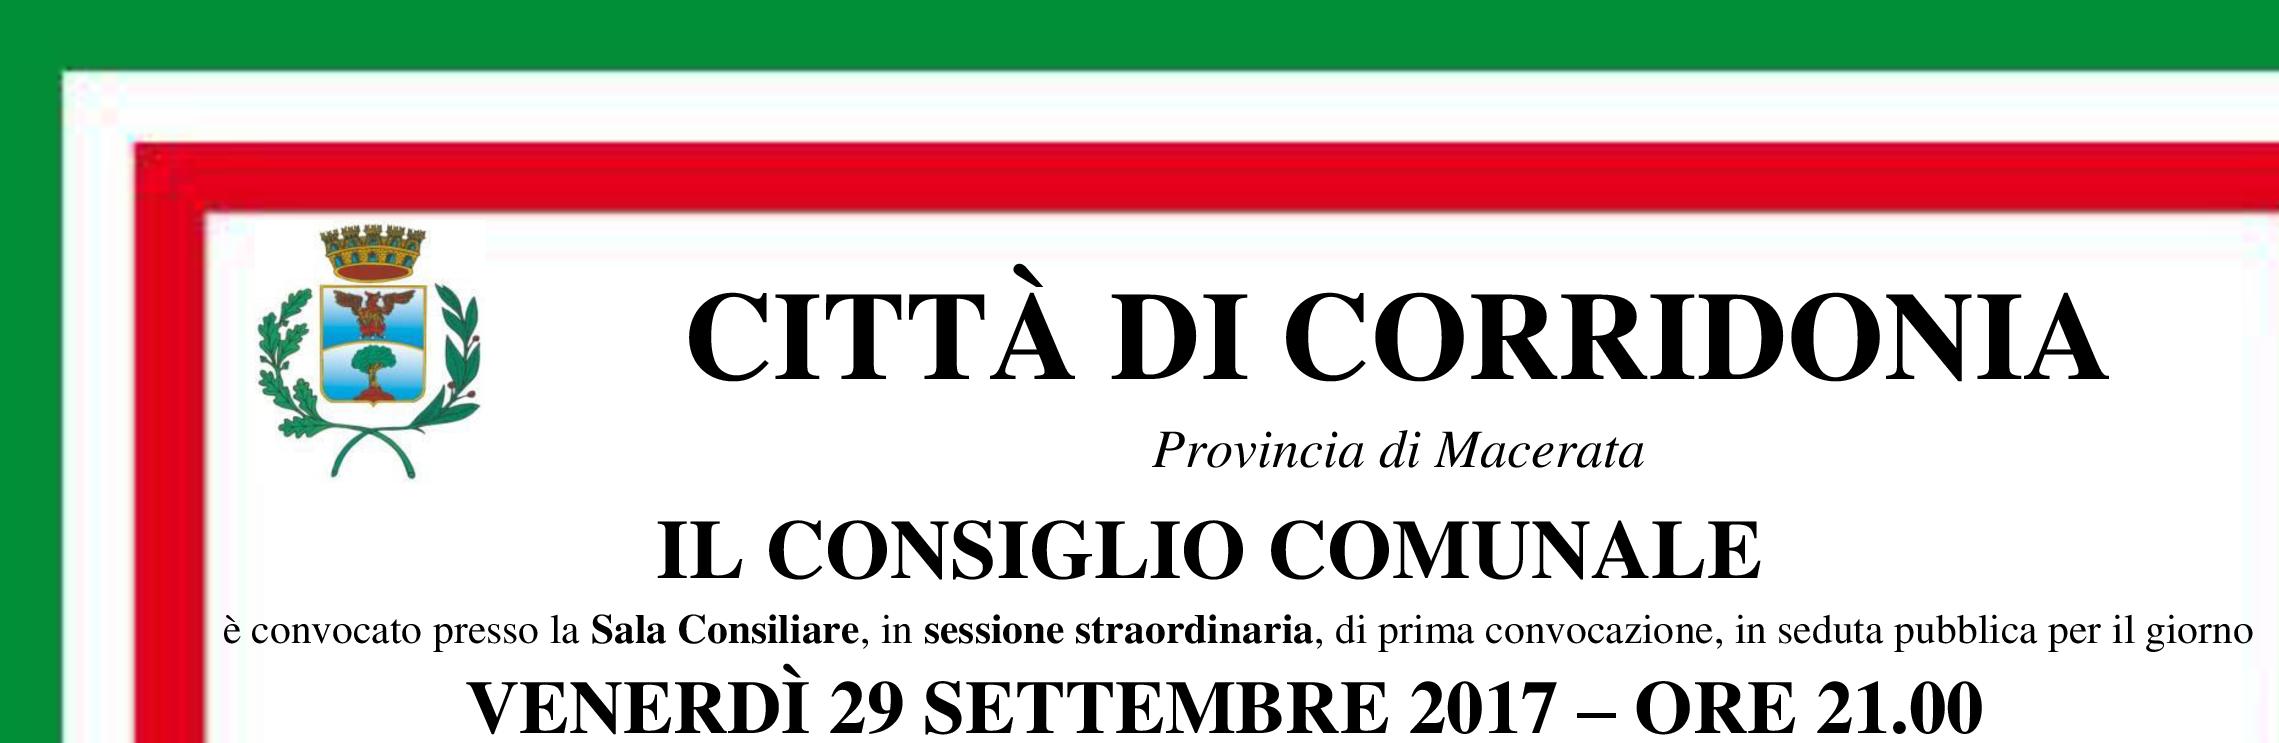 CC 29 SETTEMBRE 2017_parte_sopra